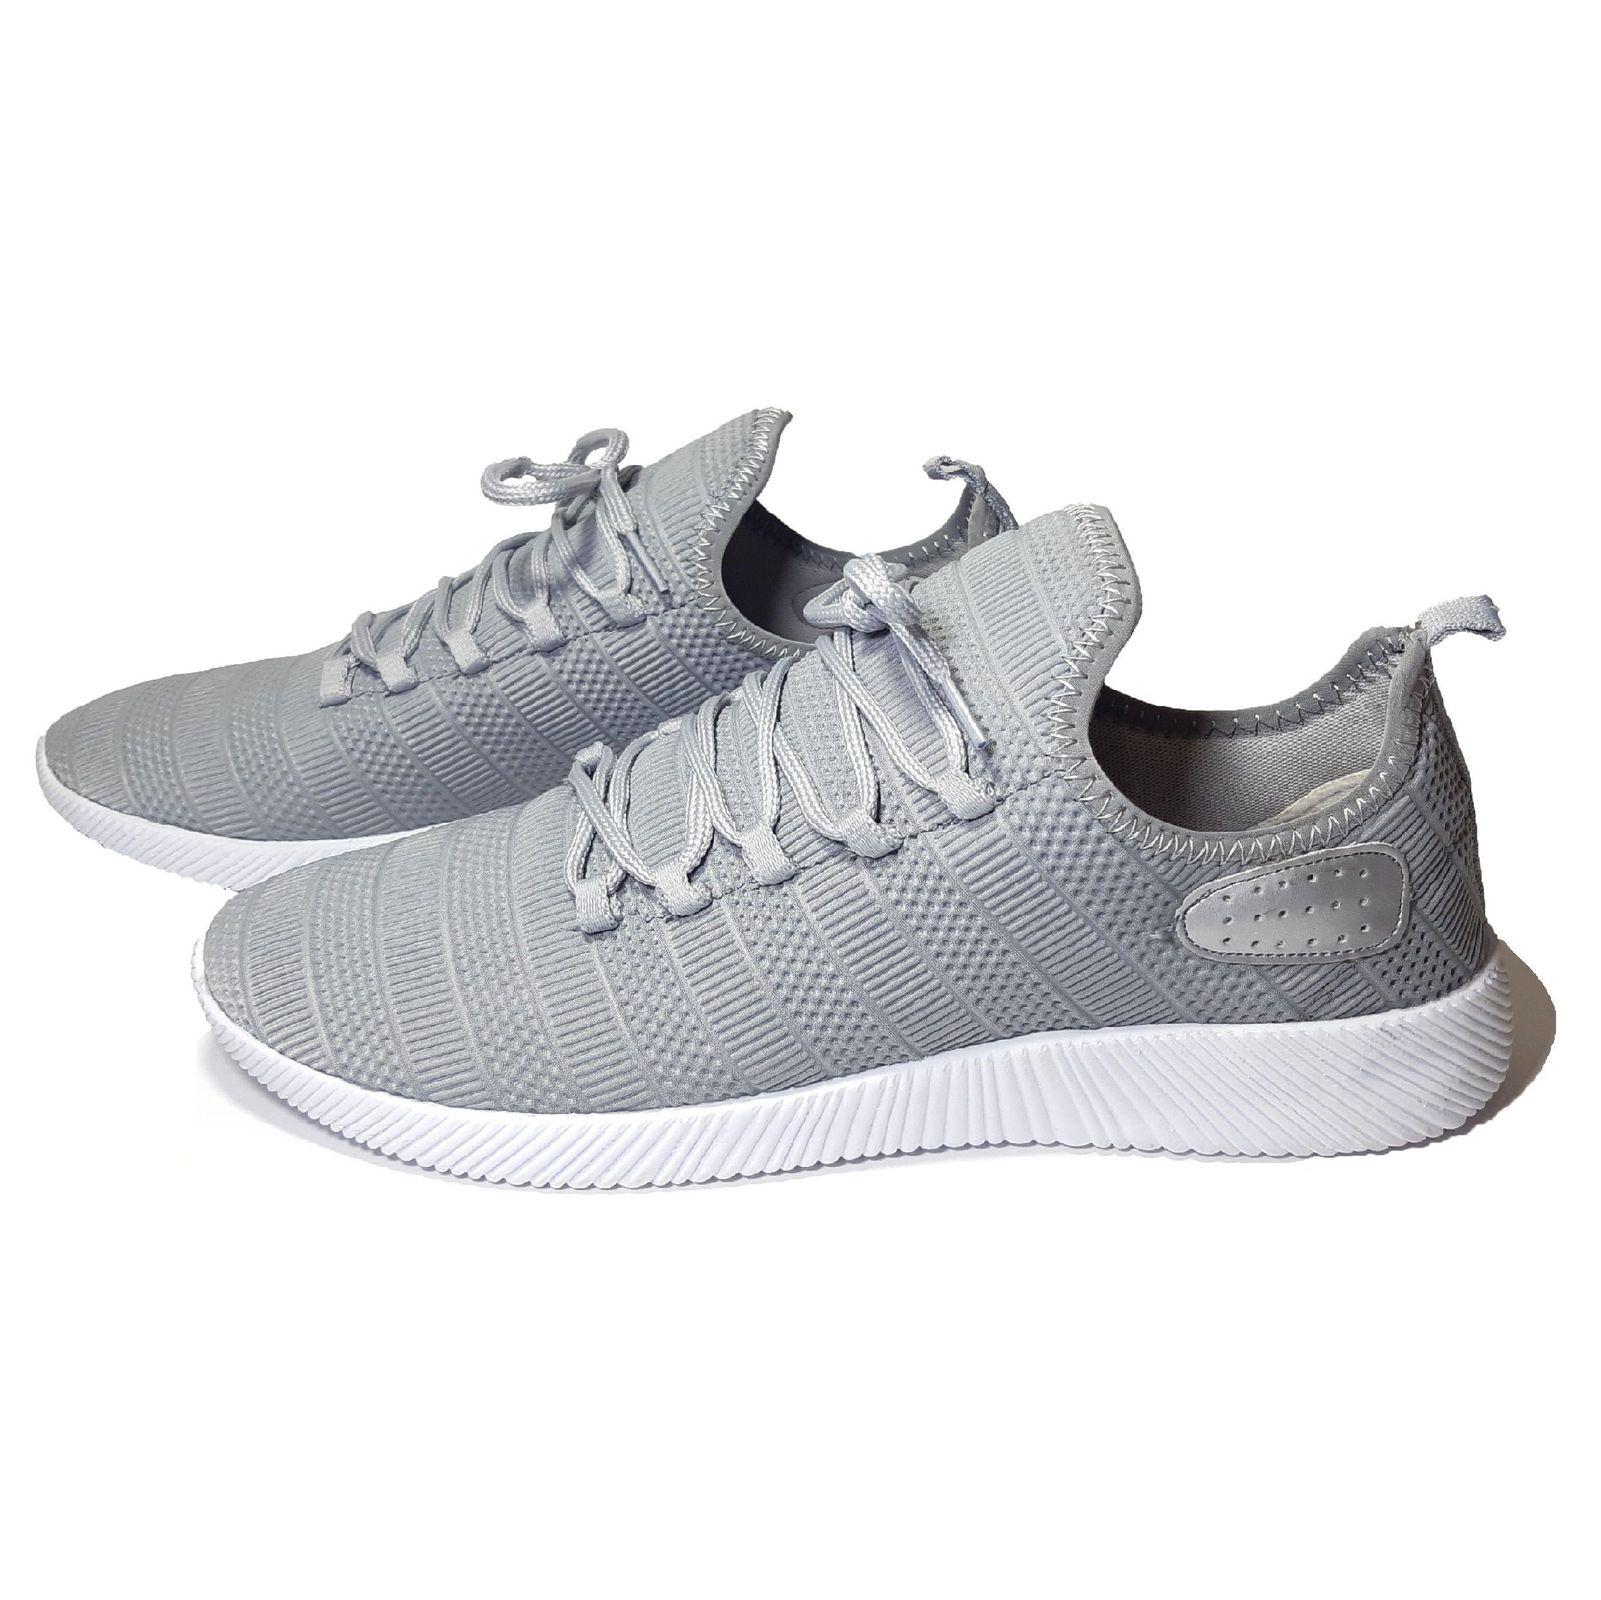 کفش مخصوص پیاده روی زنانه مدل Dharma W main 1 3